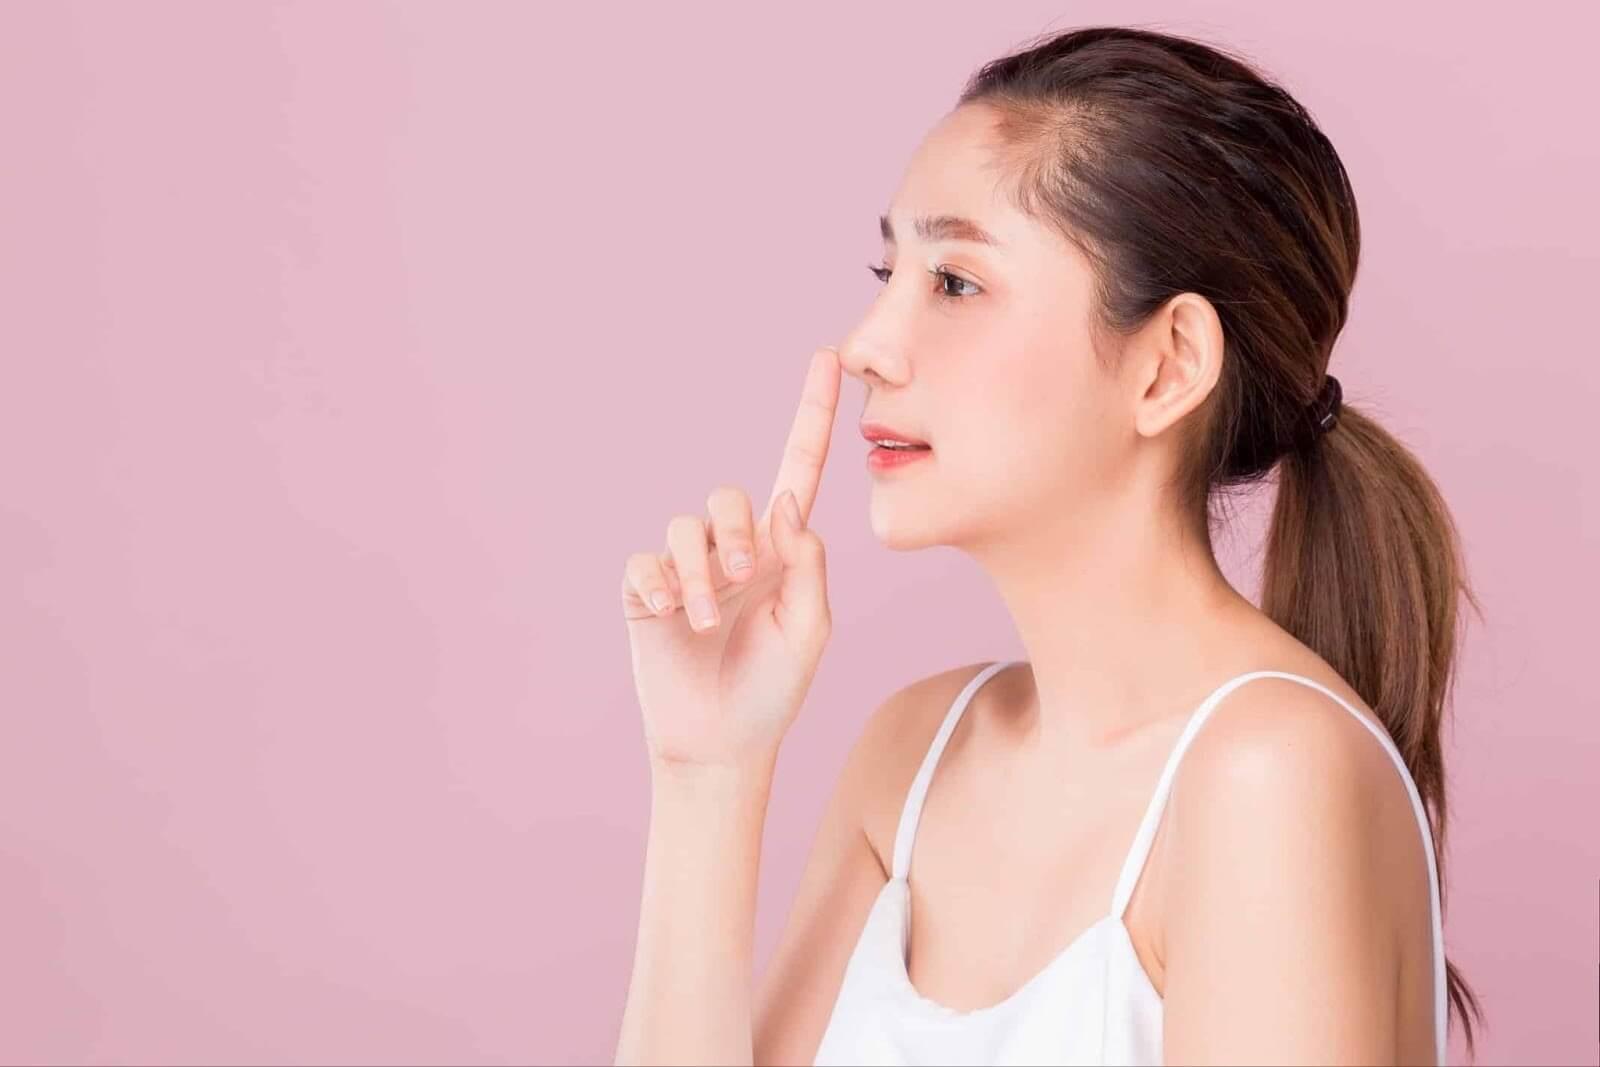 Nâng mũi cấu trúc phương pháp được dùng phổ biến hiện nay